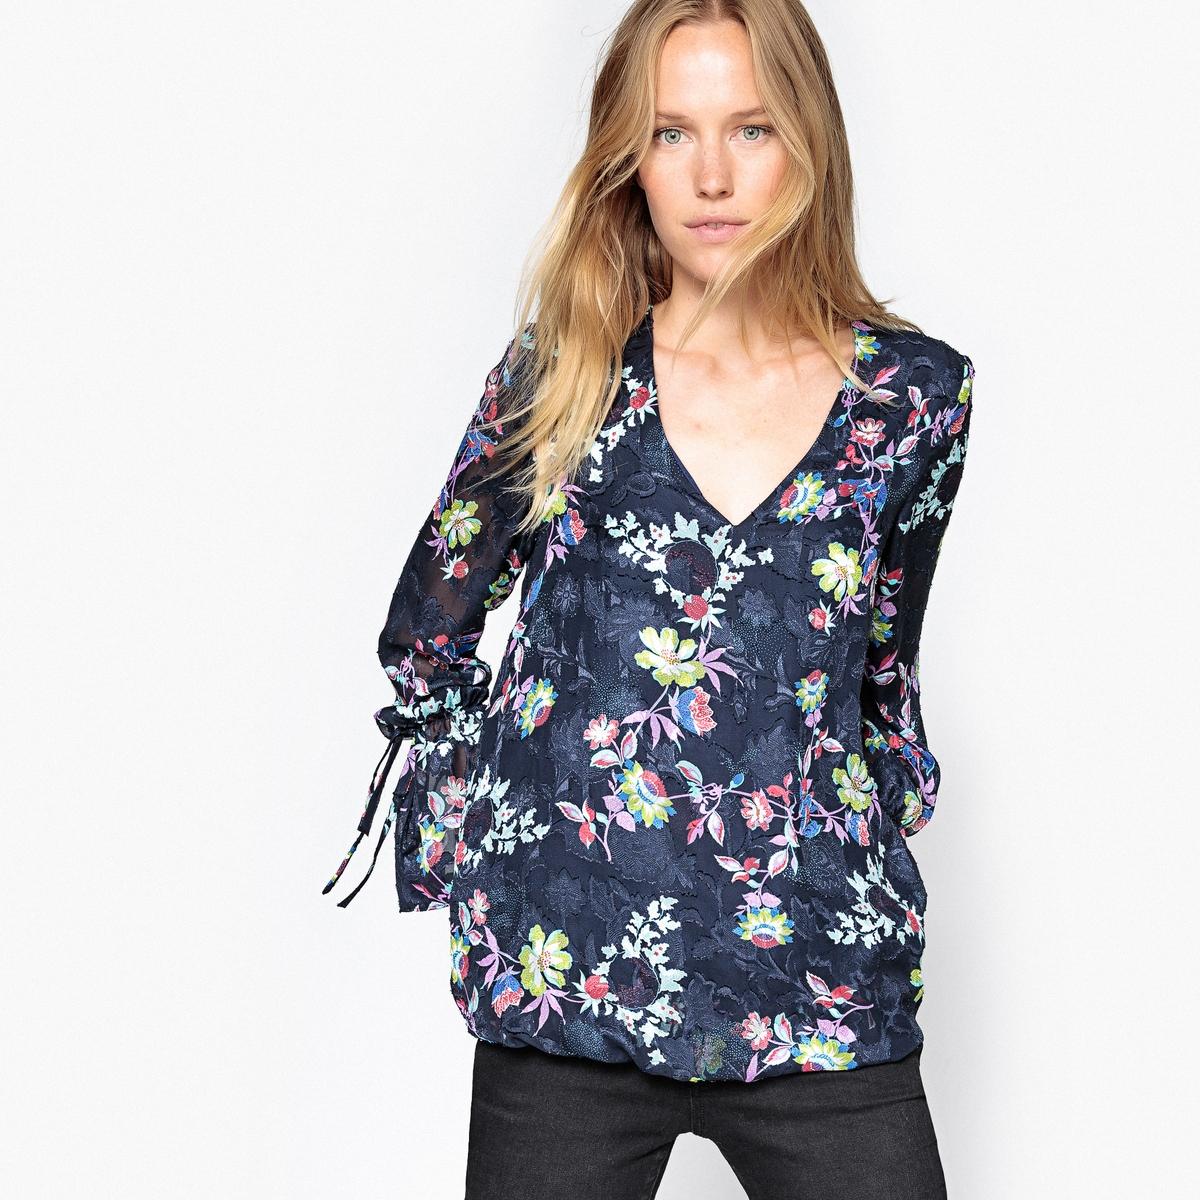 Блузка LaRedoute С запахом и фактурным цветочным рисунком 38 (FR) - 44 (RUS) синий блузка laredoute с рубашечным воротником и вышивкой 38 fr 44 rus синий